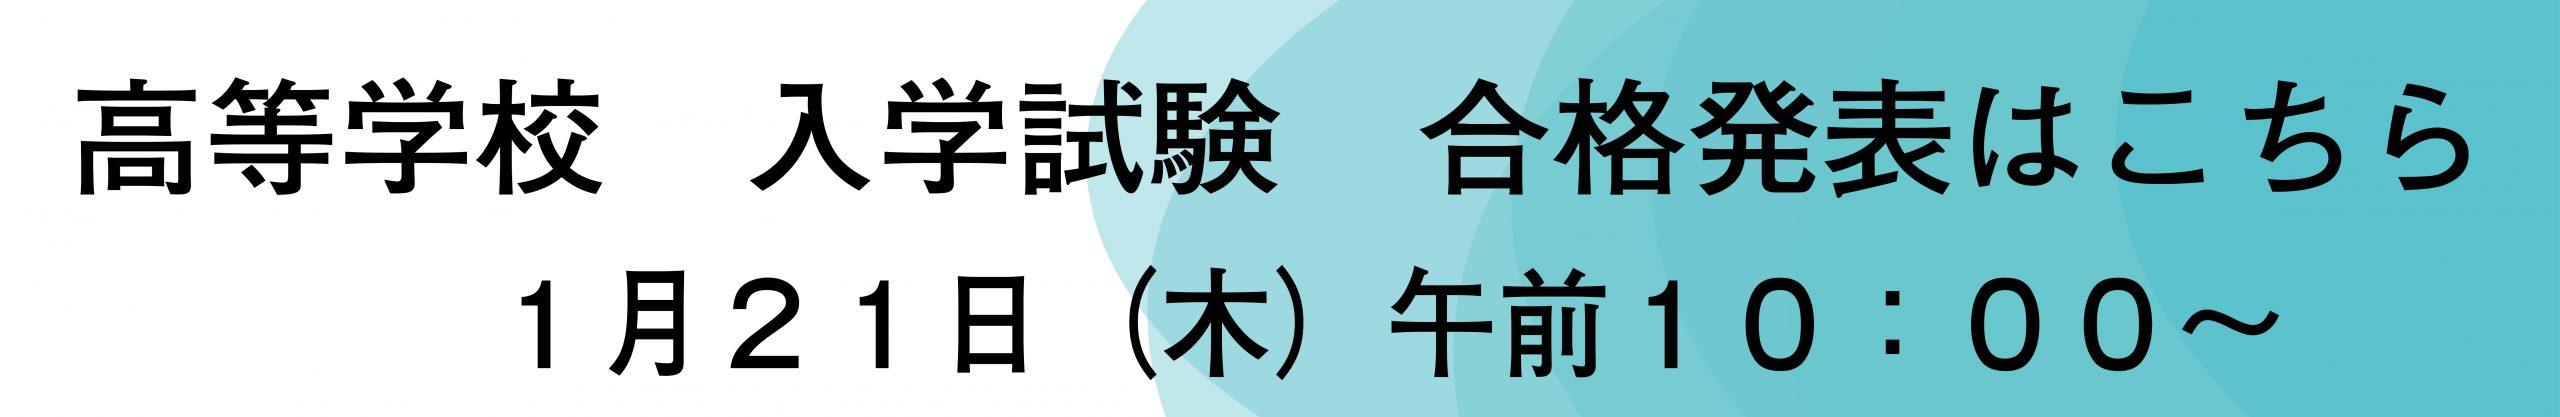 高等学校 入学試験 合格